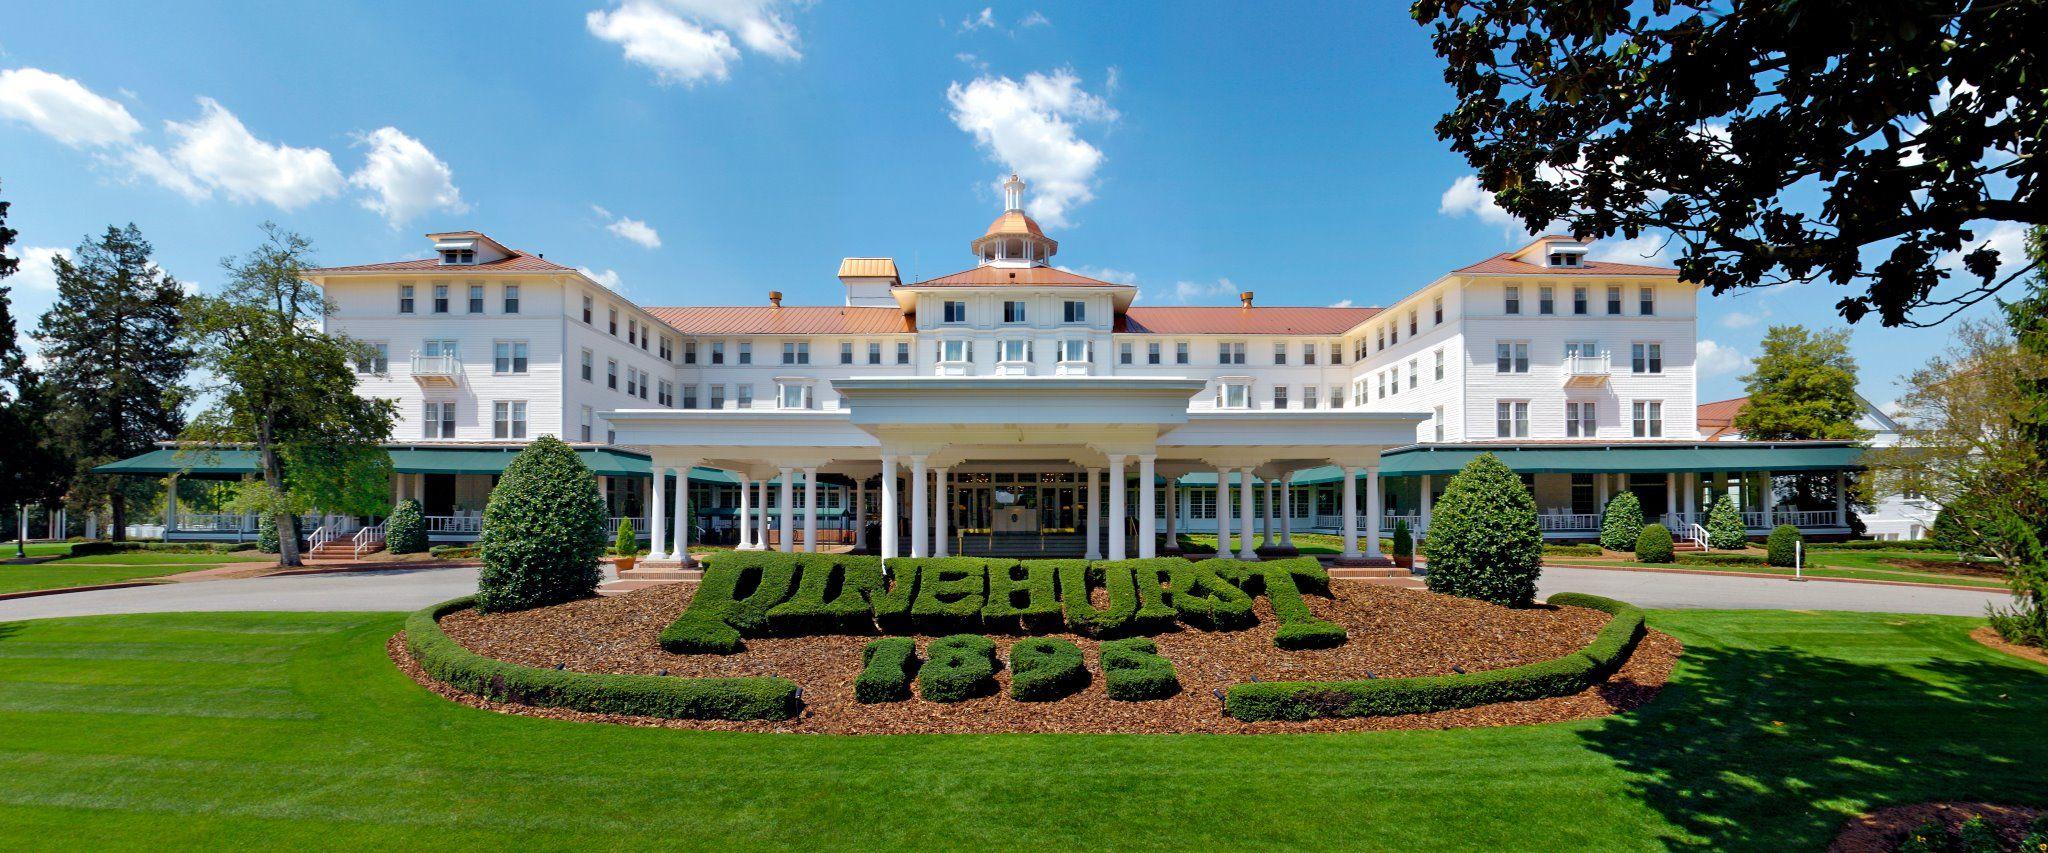 Pinehurst design golf courses pinterest for Hotel design course